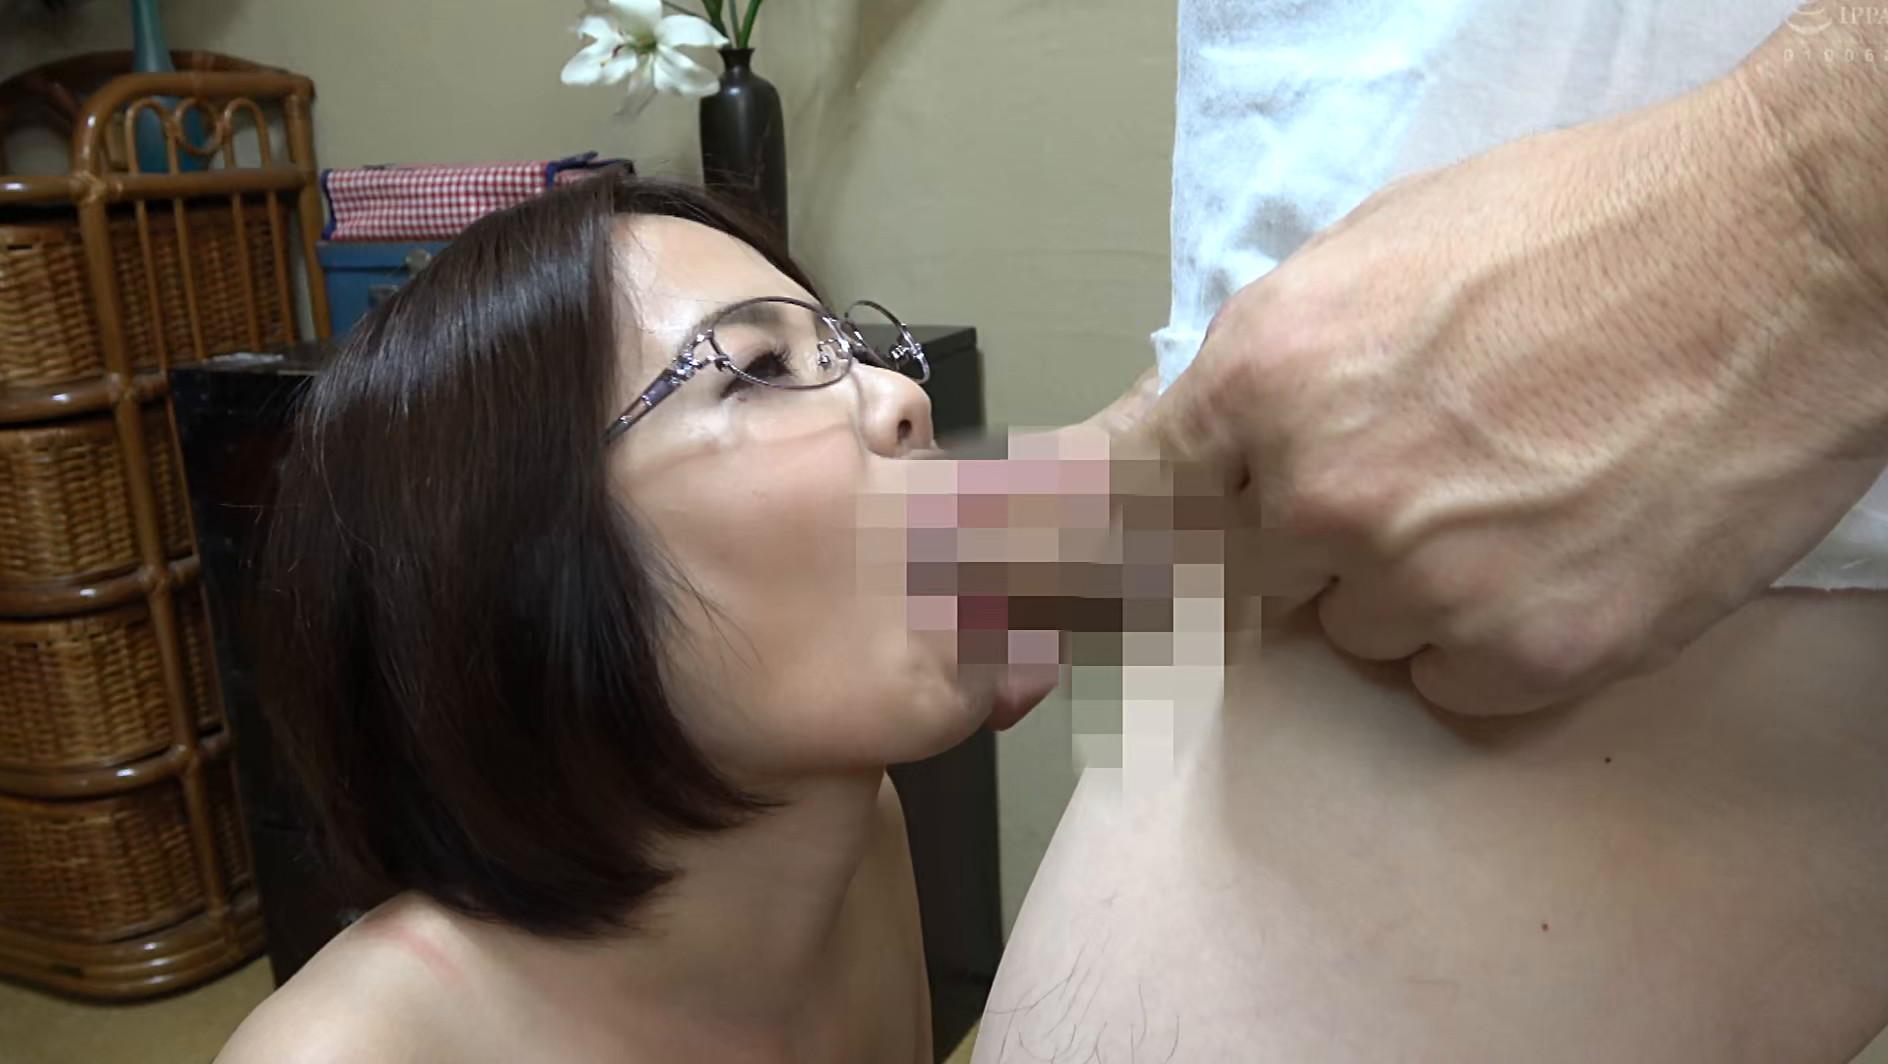 独り暮らしの男性に枕営業で契約をGETするデカパイ営業レディ 赤瀬尚子,のサンプル画像25